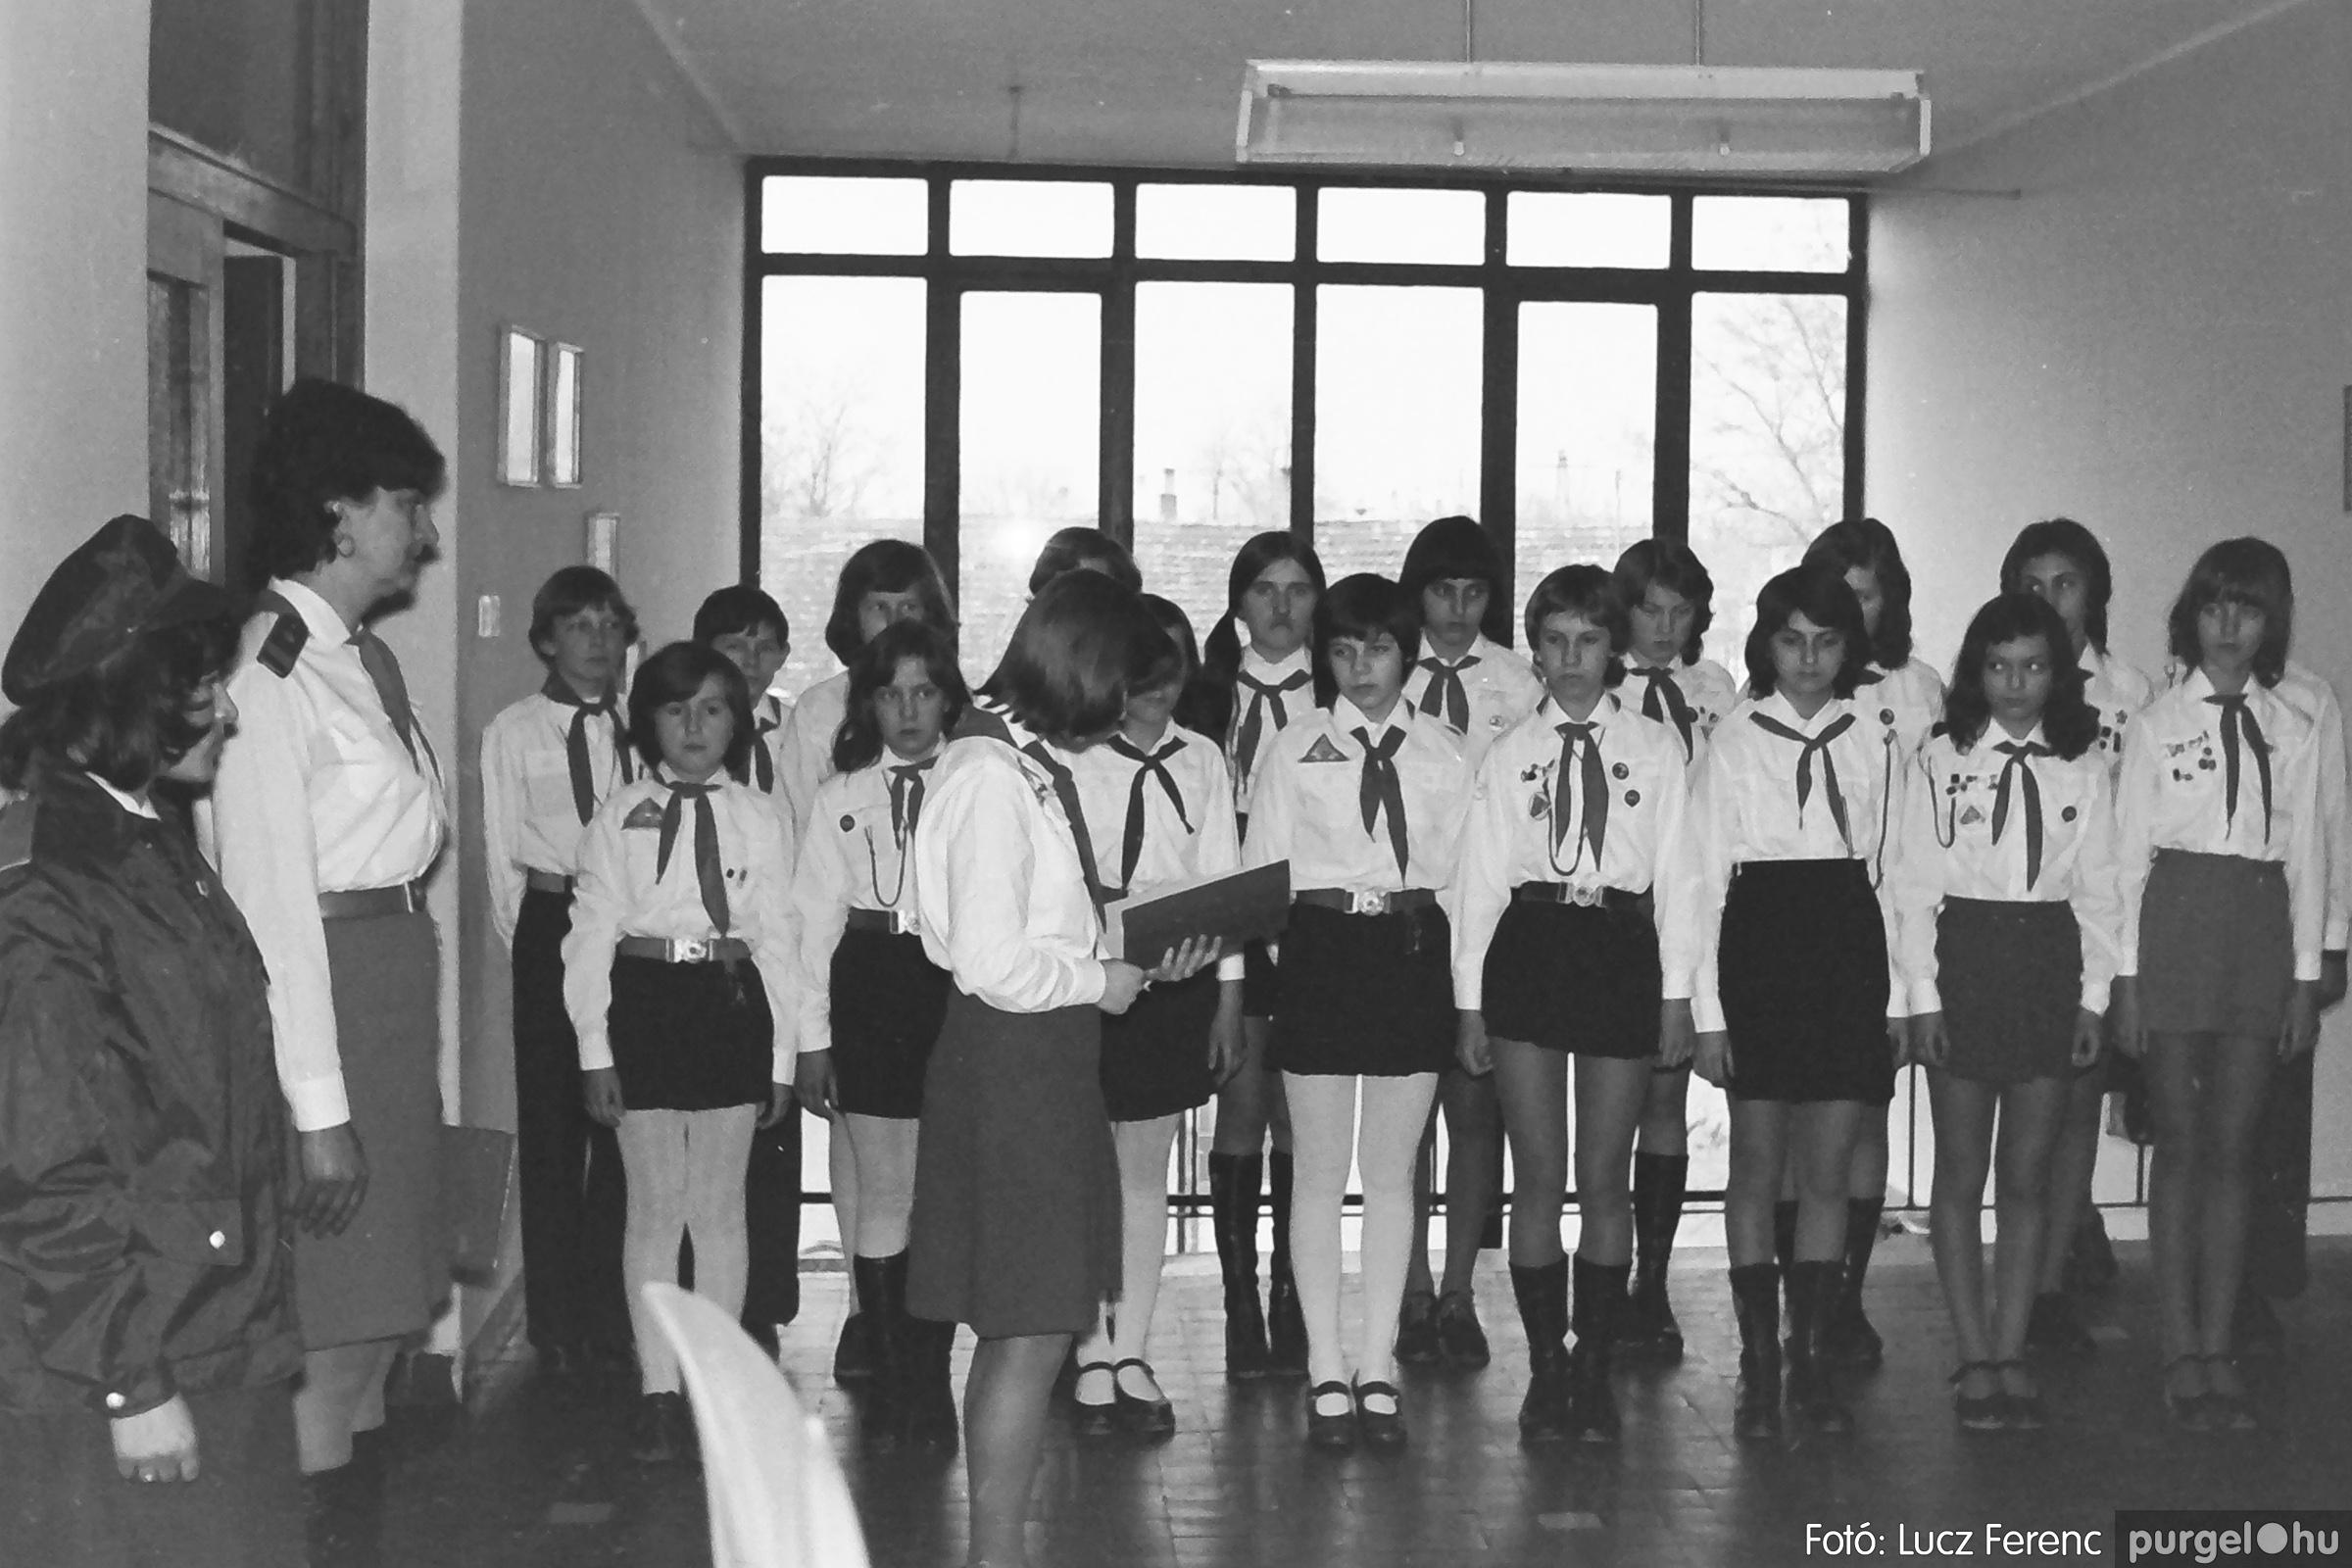 043. 1976. Emlékezés a szegvári direktóriumra 010. - Fotó: Lucz Ferenc - IMG00273q.jpg